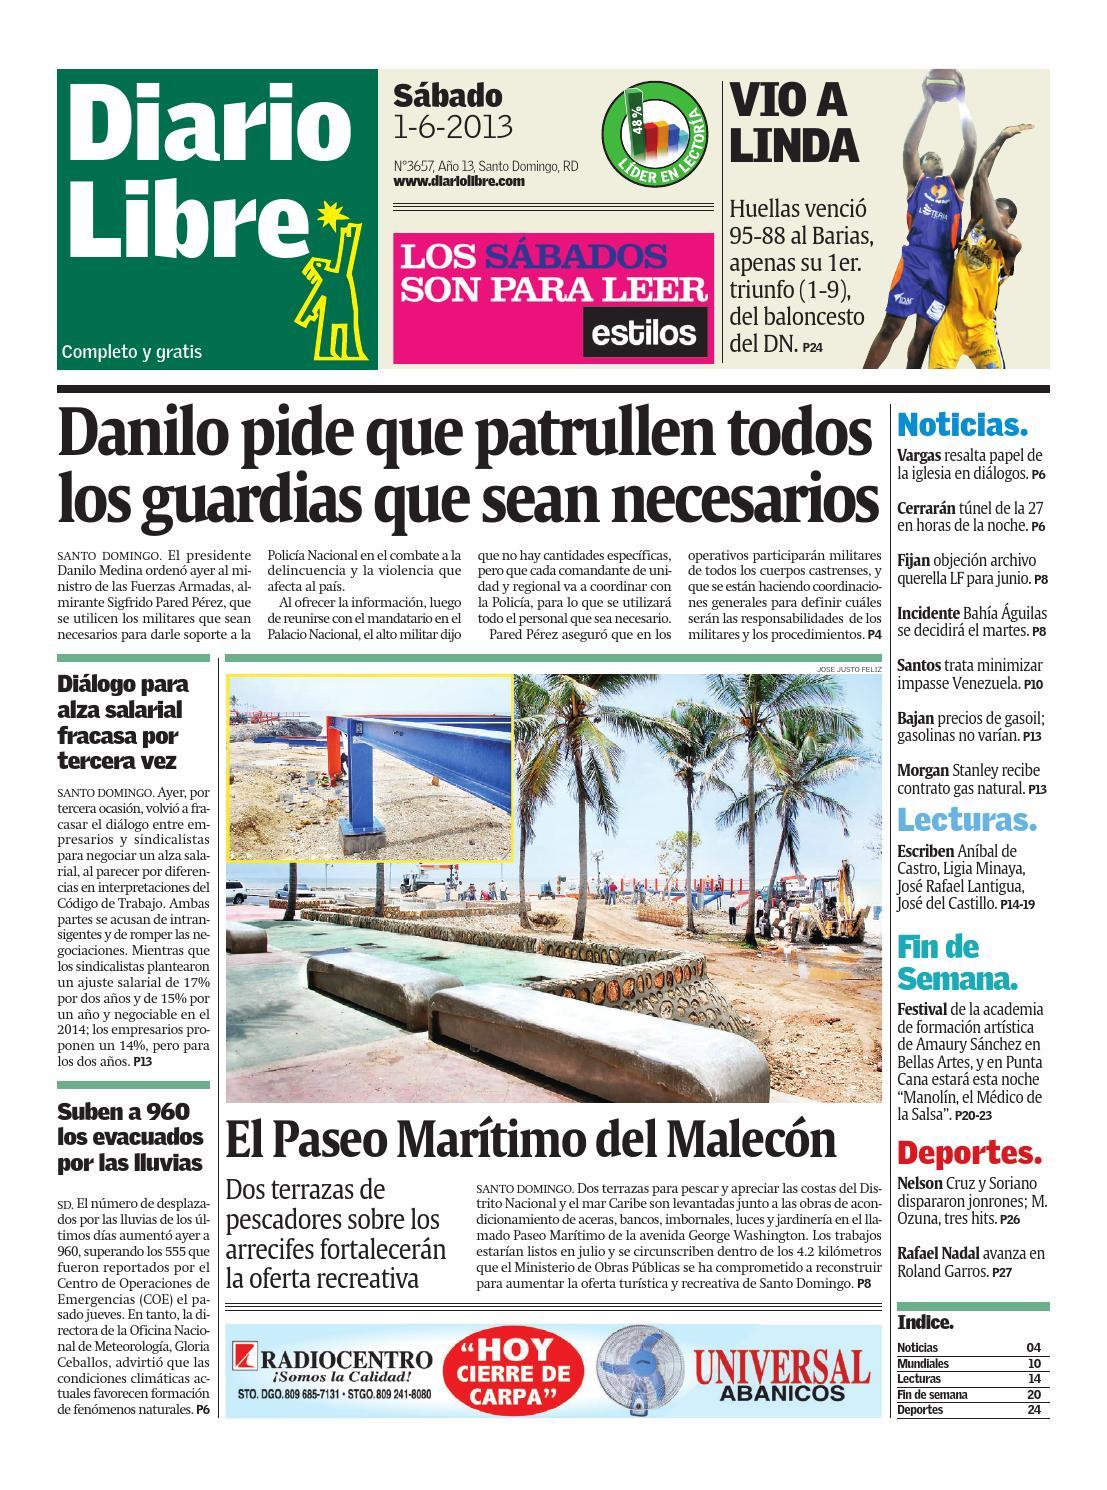 Diariolibre3657 by Grupo Diario Libre, S. A. - issuu